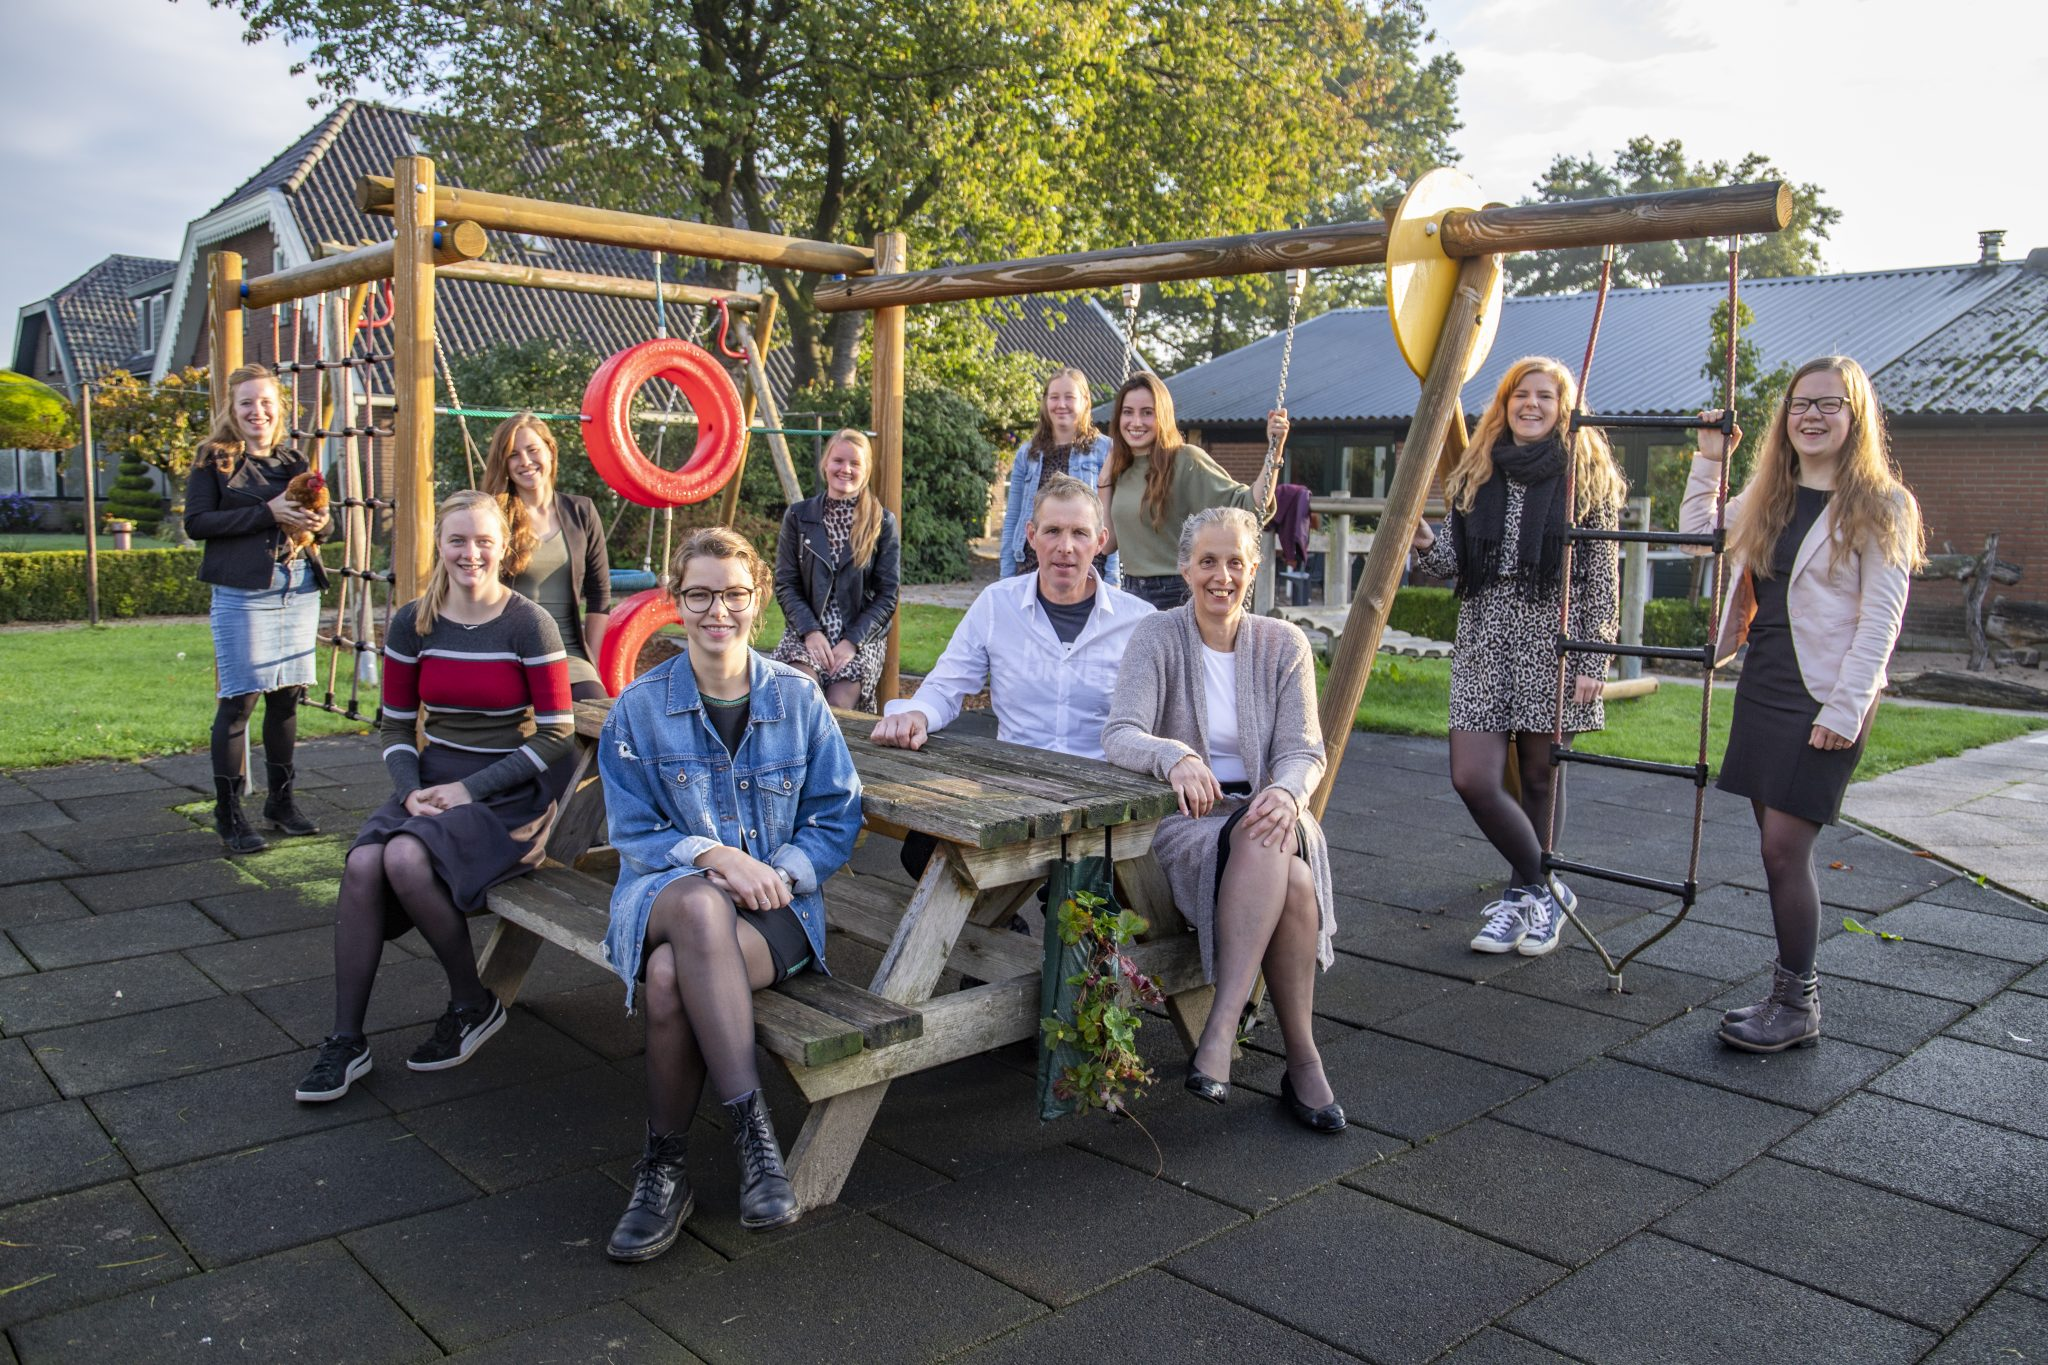 Zorgboerderij grootkootwijk team